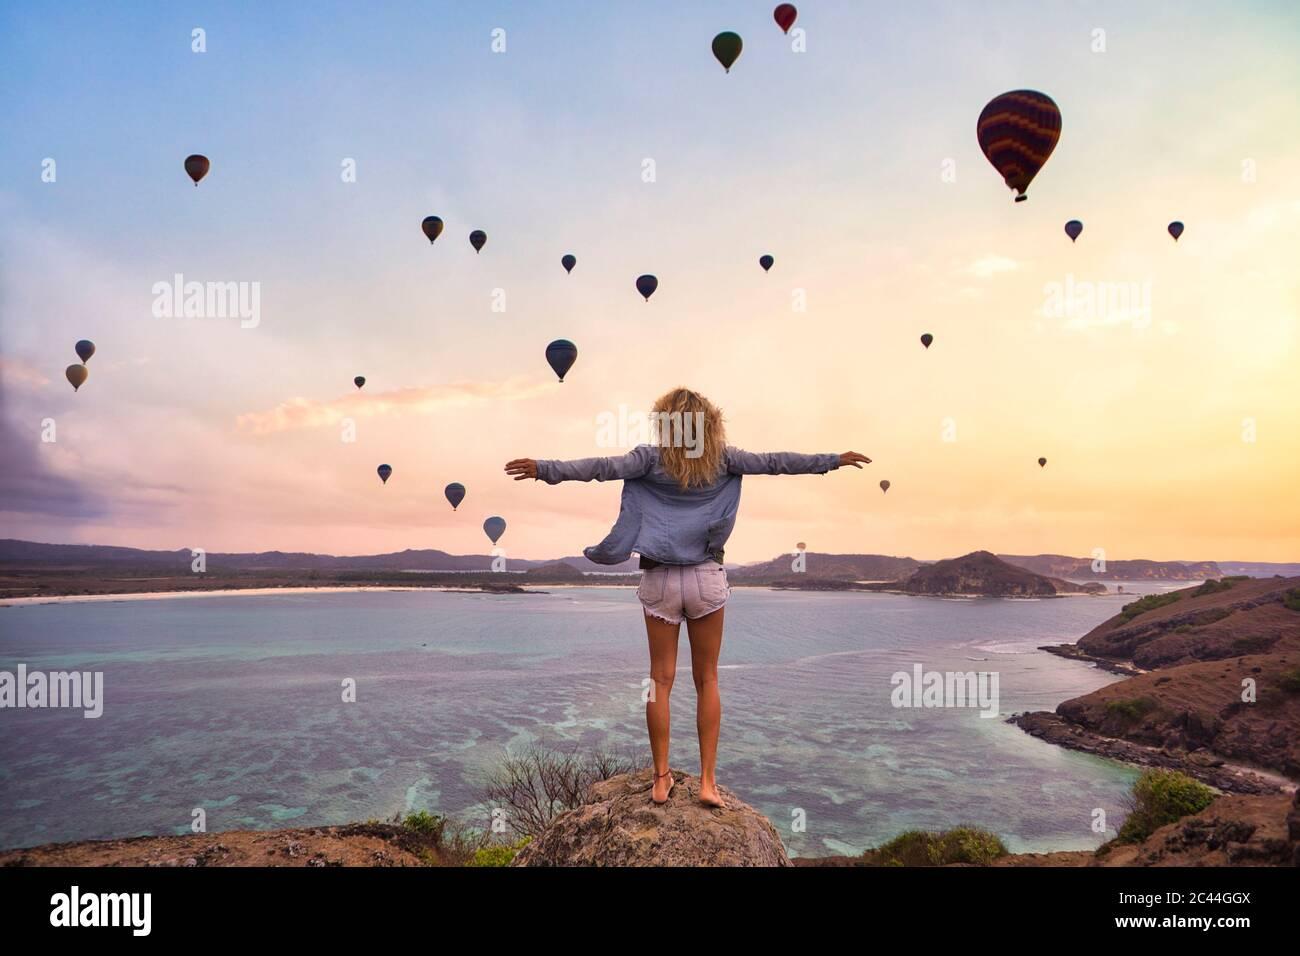 Indonésie, Nusa Tenggara Ouest, ballons à air chaud volant au-dessus d'une femme seule debout sur la côte rocheuse avec des bras levés Banque D'Images